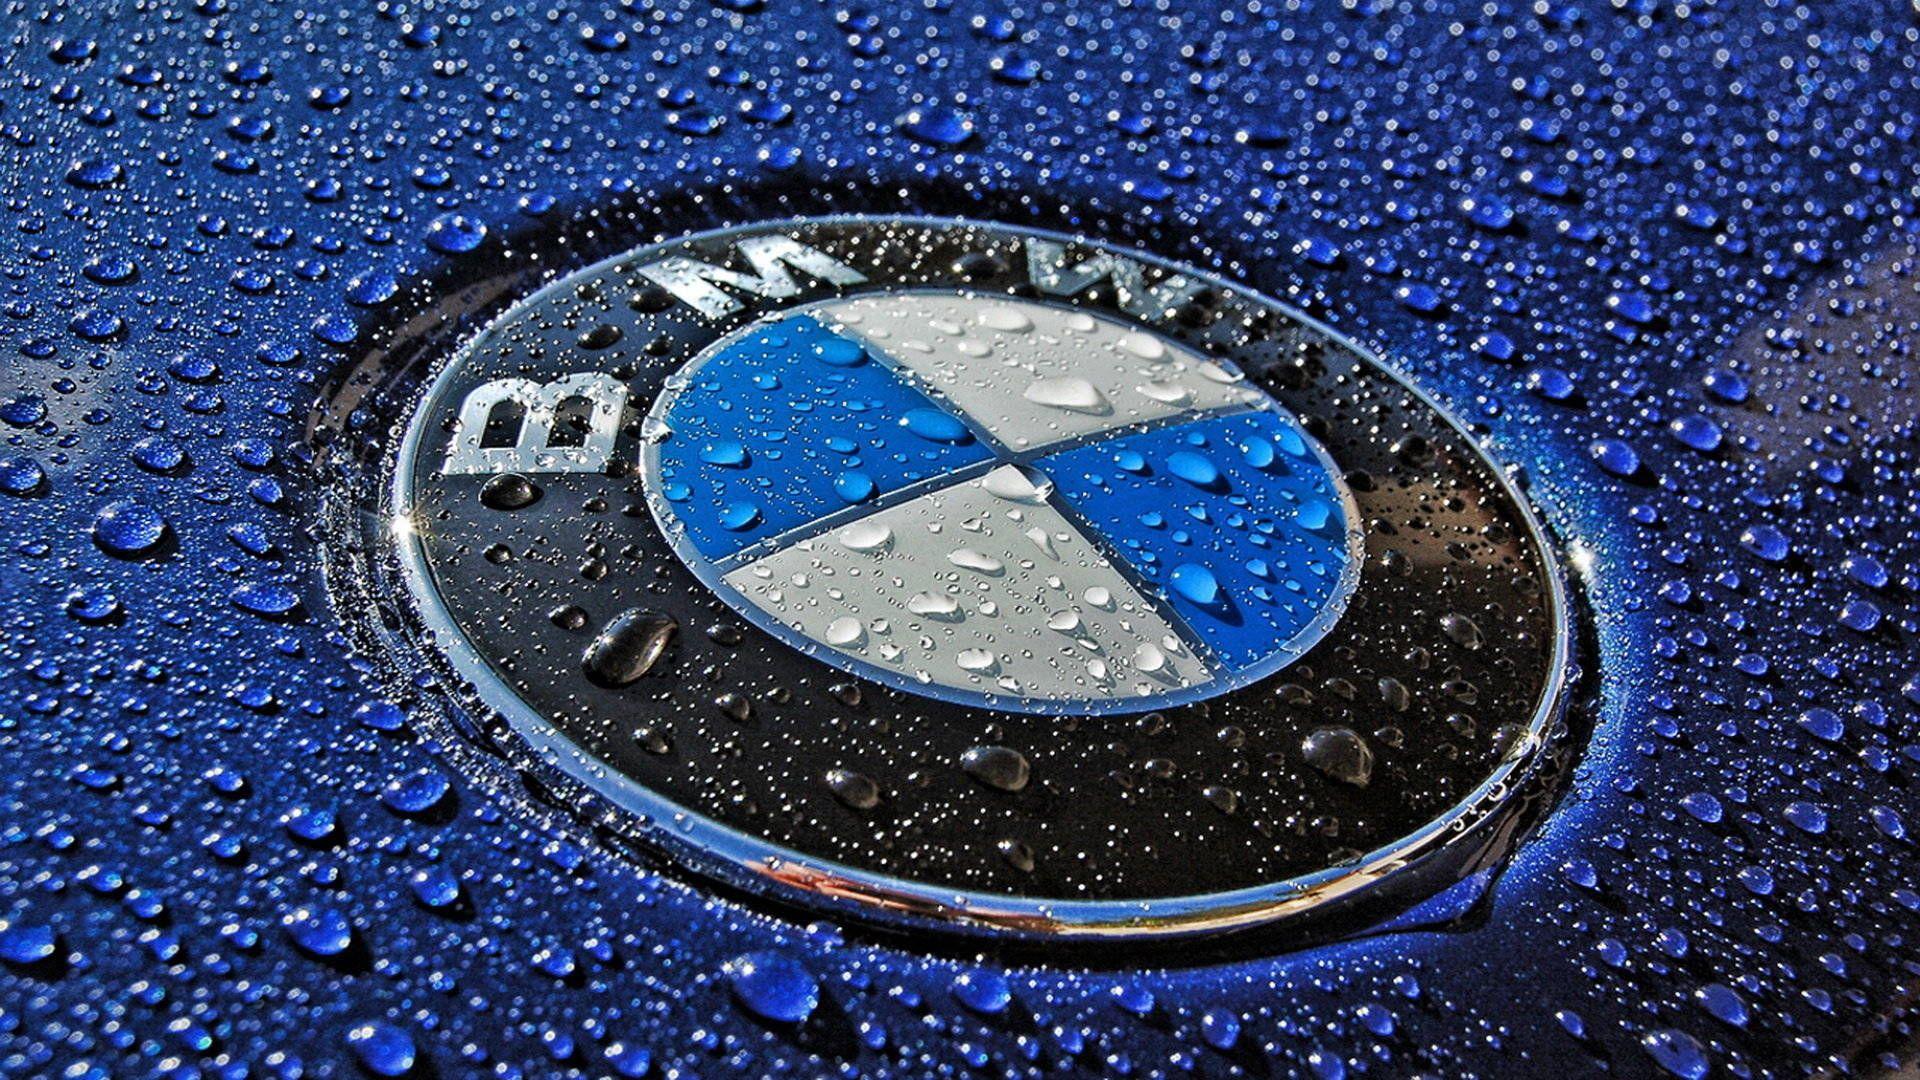 Bmw Logo Wallpaper Hd 1080p Wallpaper Bmw Pinterest